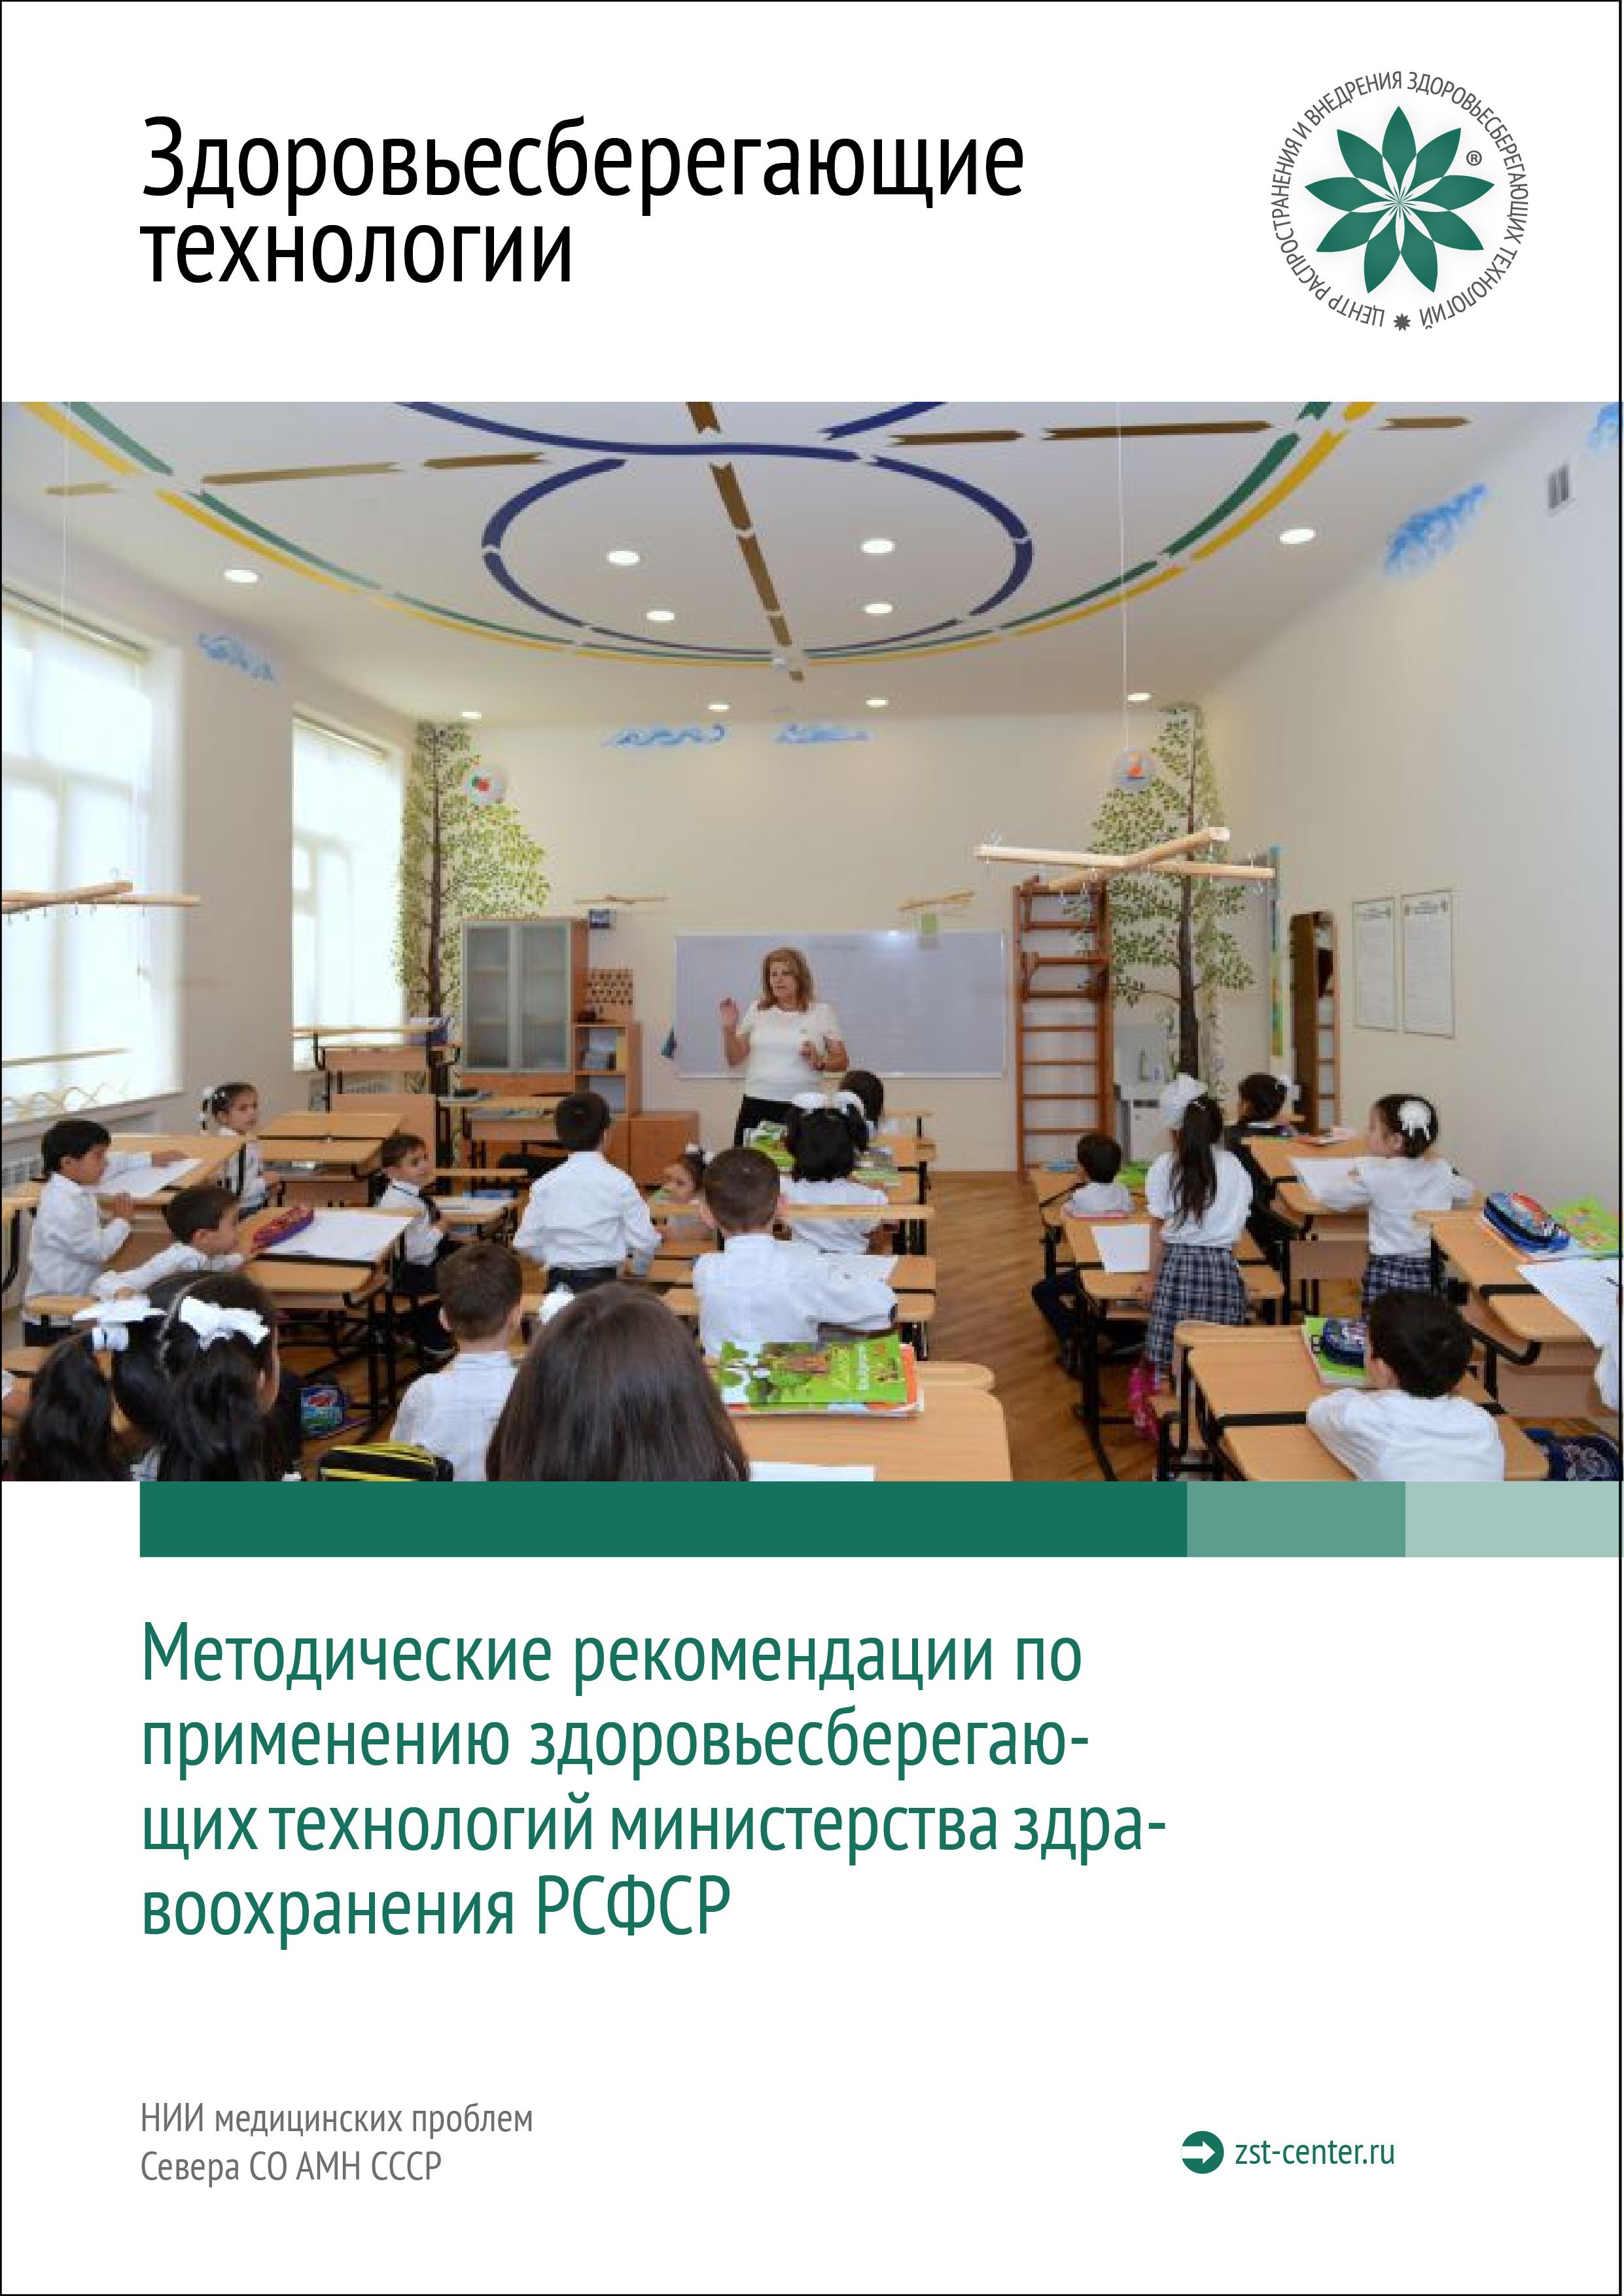 e2b5207b52a2 Методические рекомендации по применению здоровьесберегающих технологий  министерства здравоохранения РСФСР 1989 года   Блог corb   КОНТ